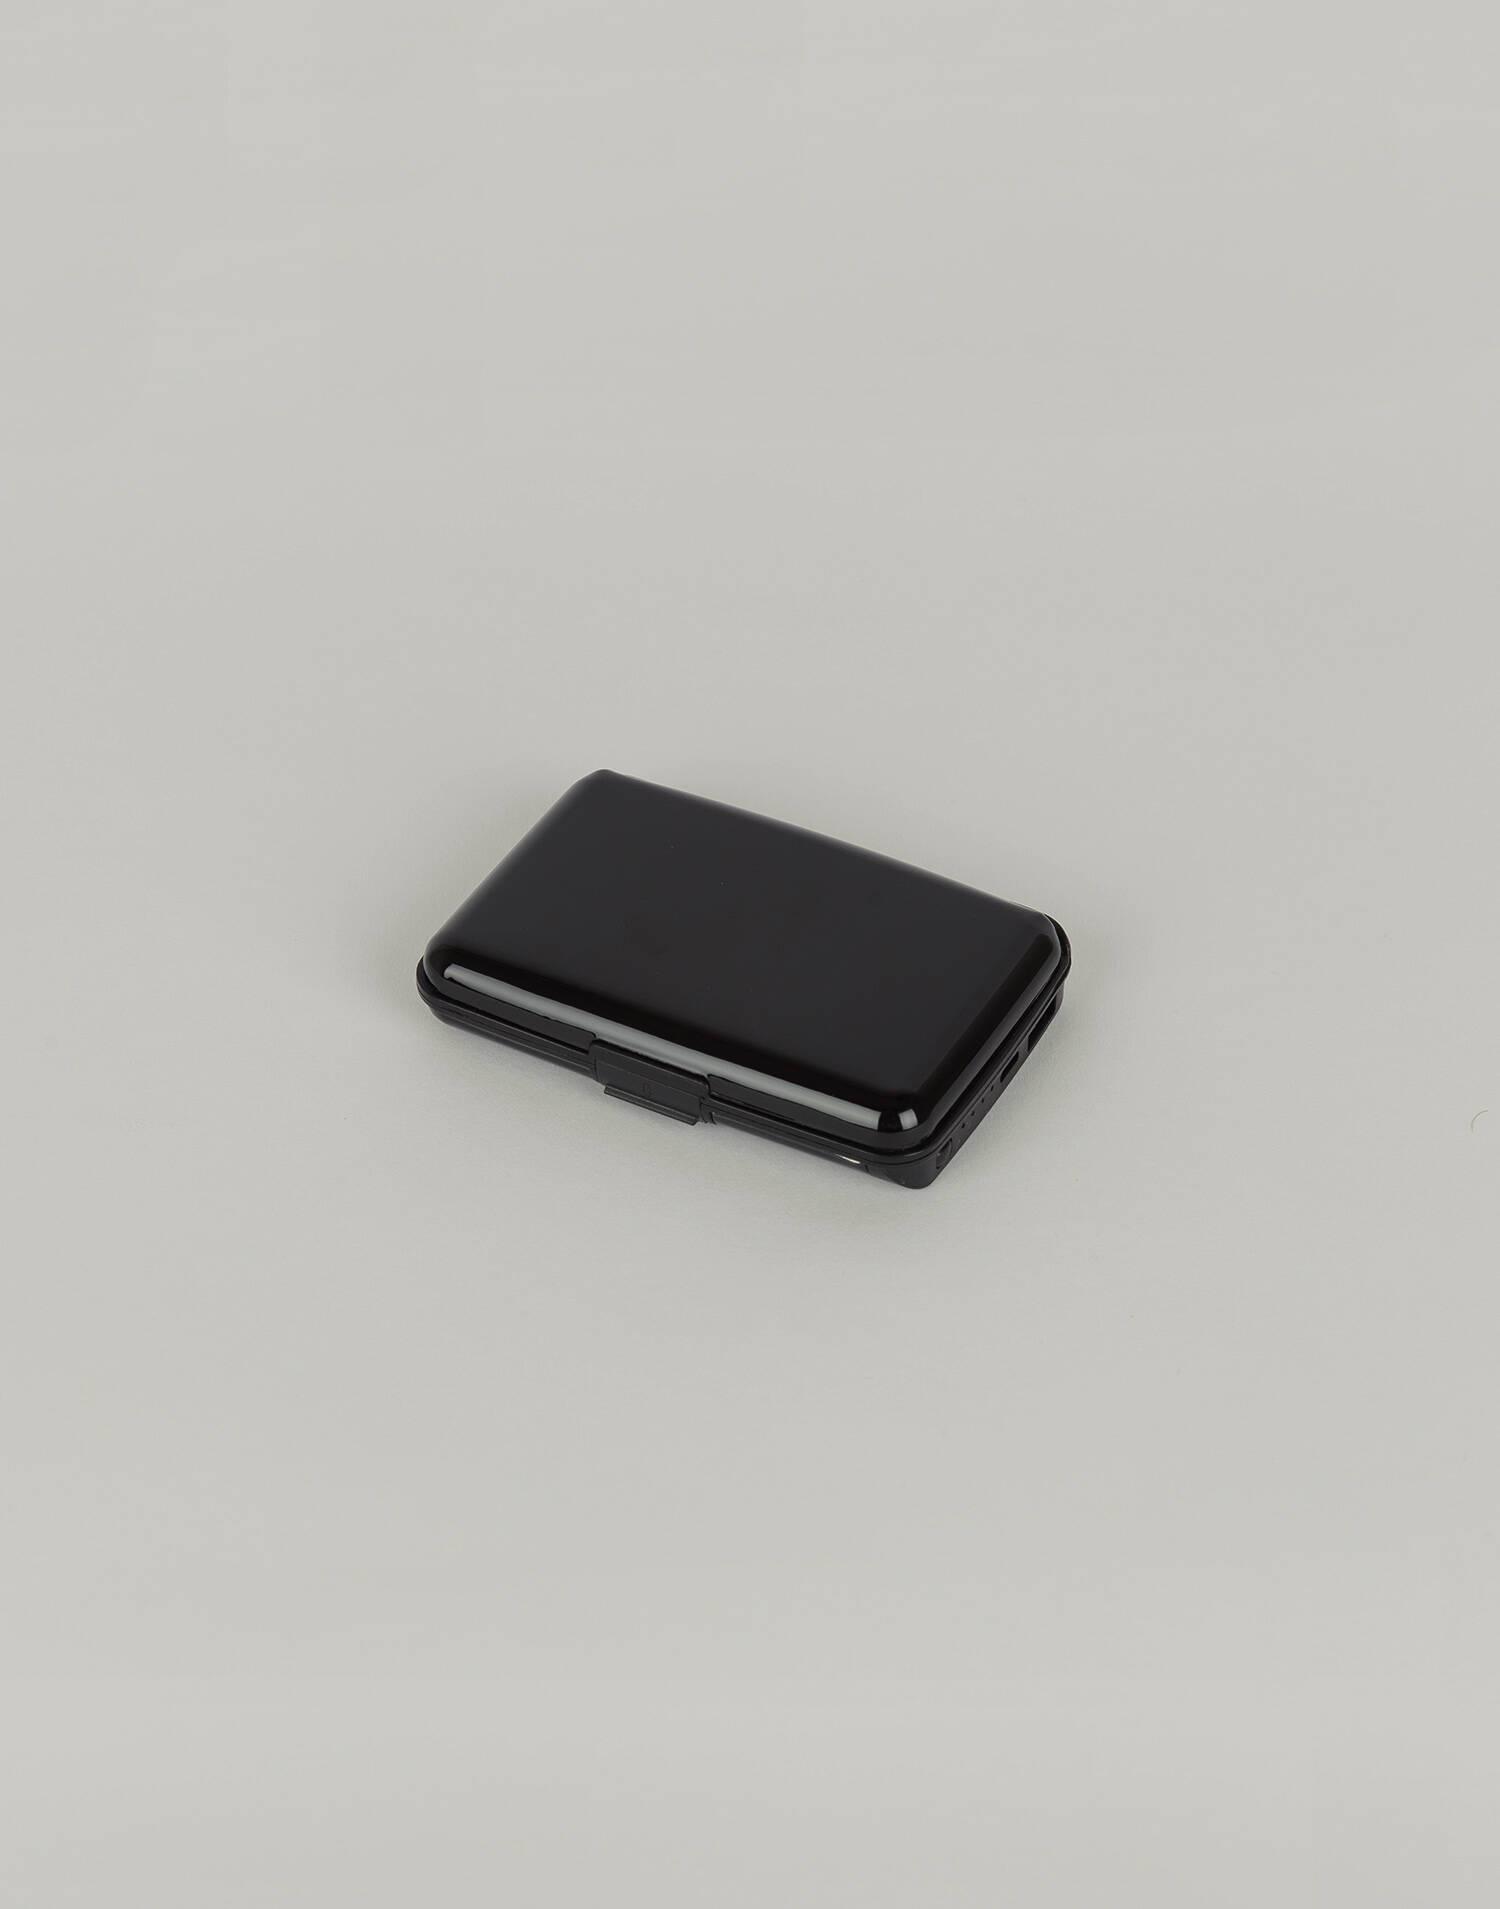 Card holder powerbank 1800 mah